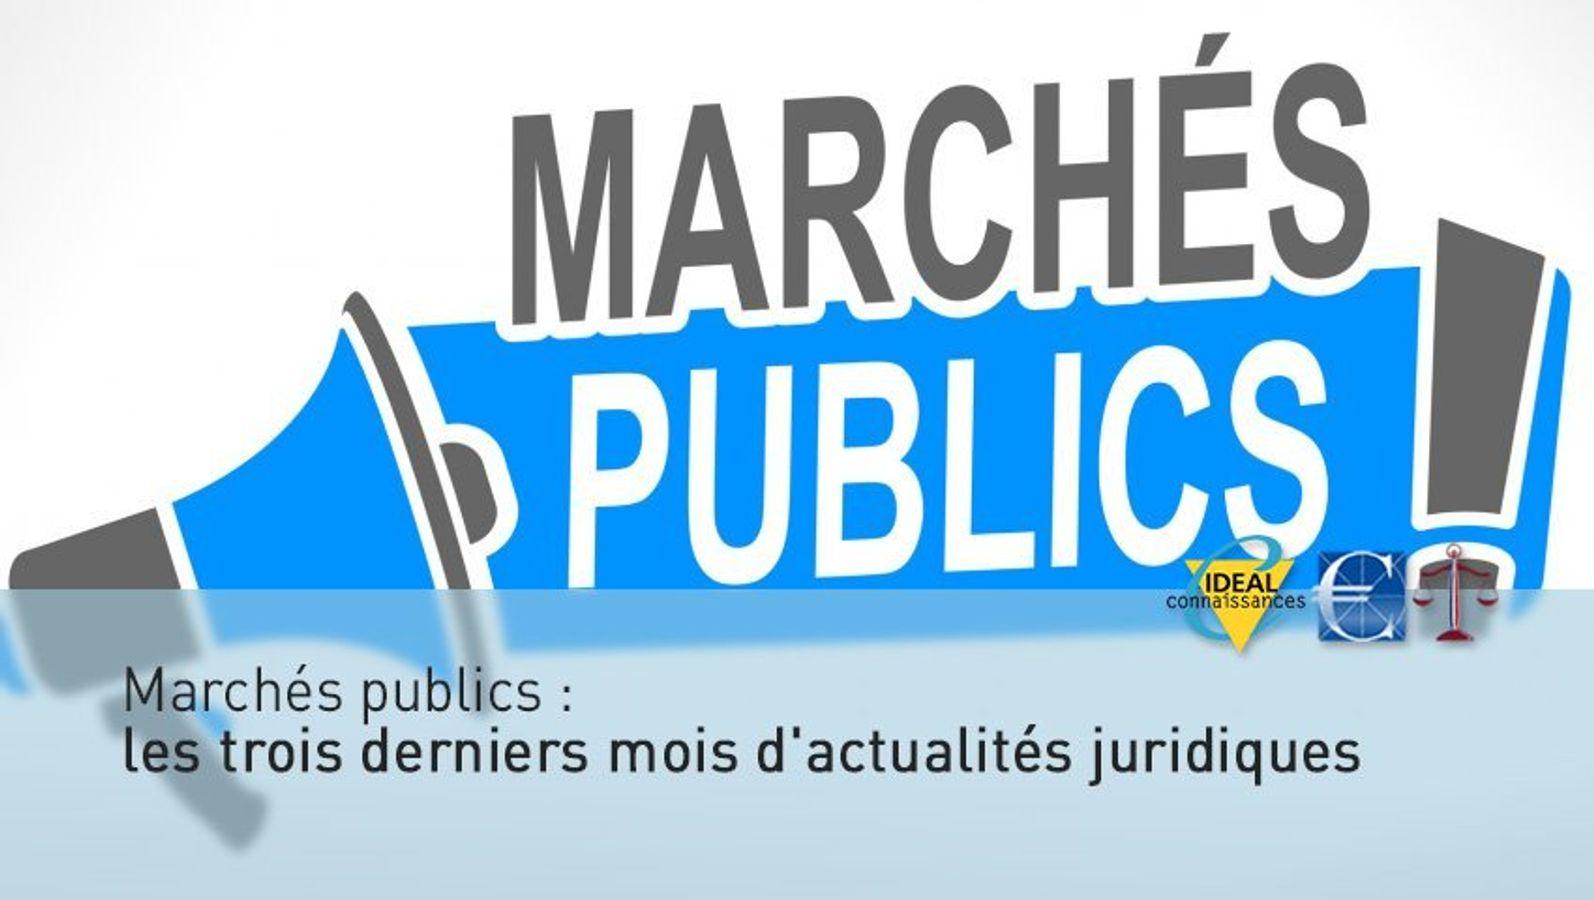 Marchés publics : les derniers mois d'actualités juridiques (4)